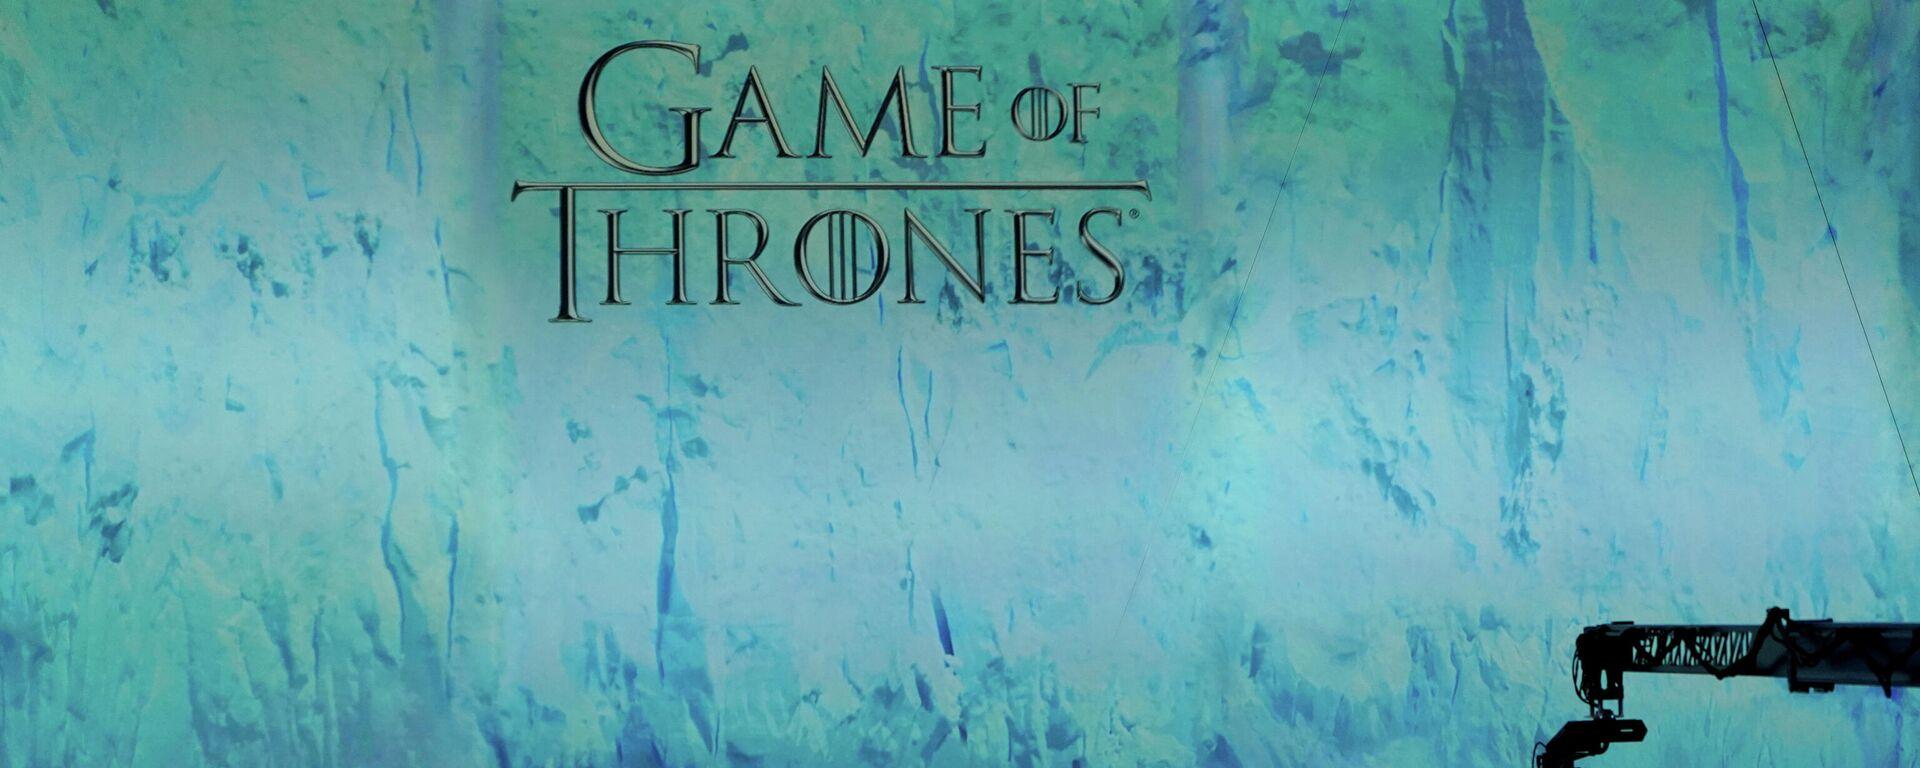 Team von Game of Thrones - SNA, 1920, 28.01.2021